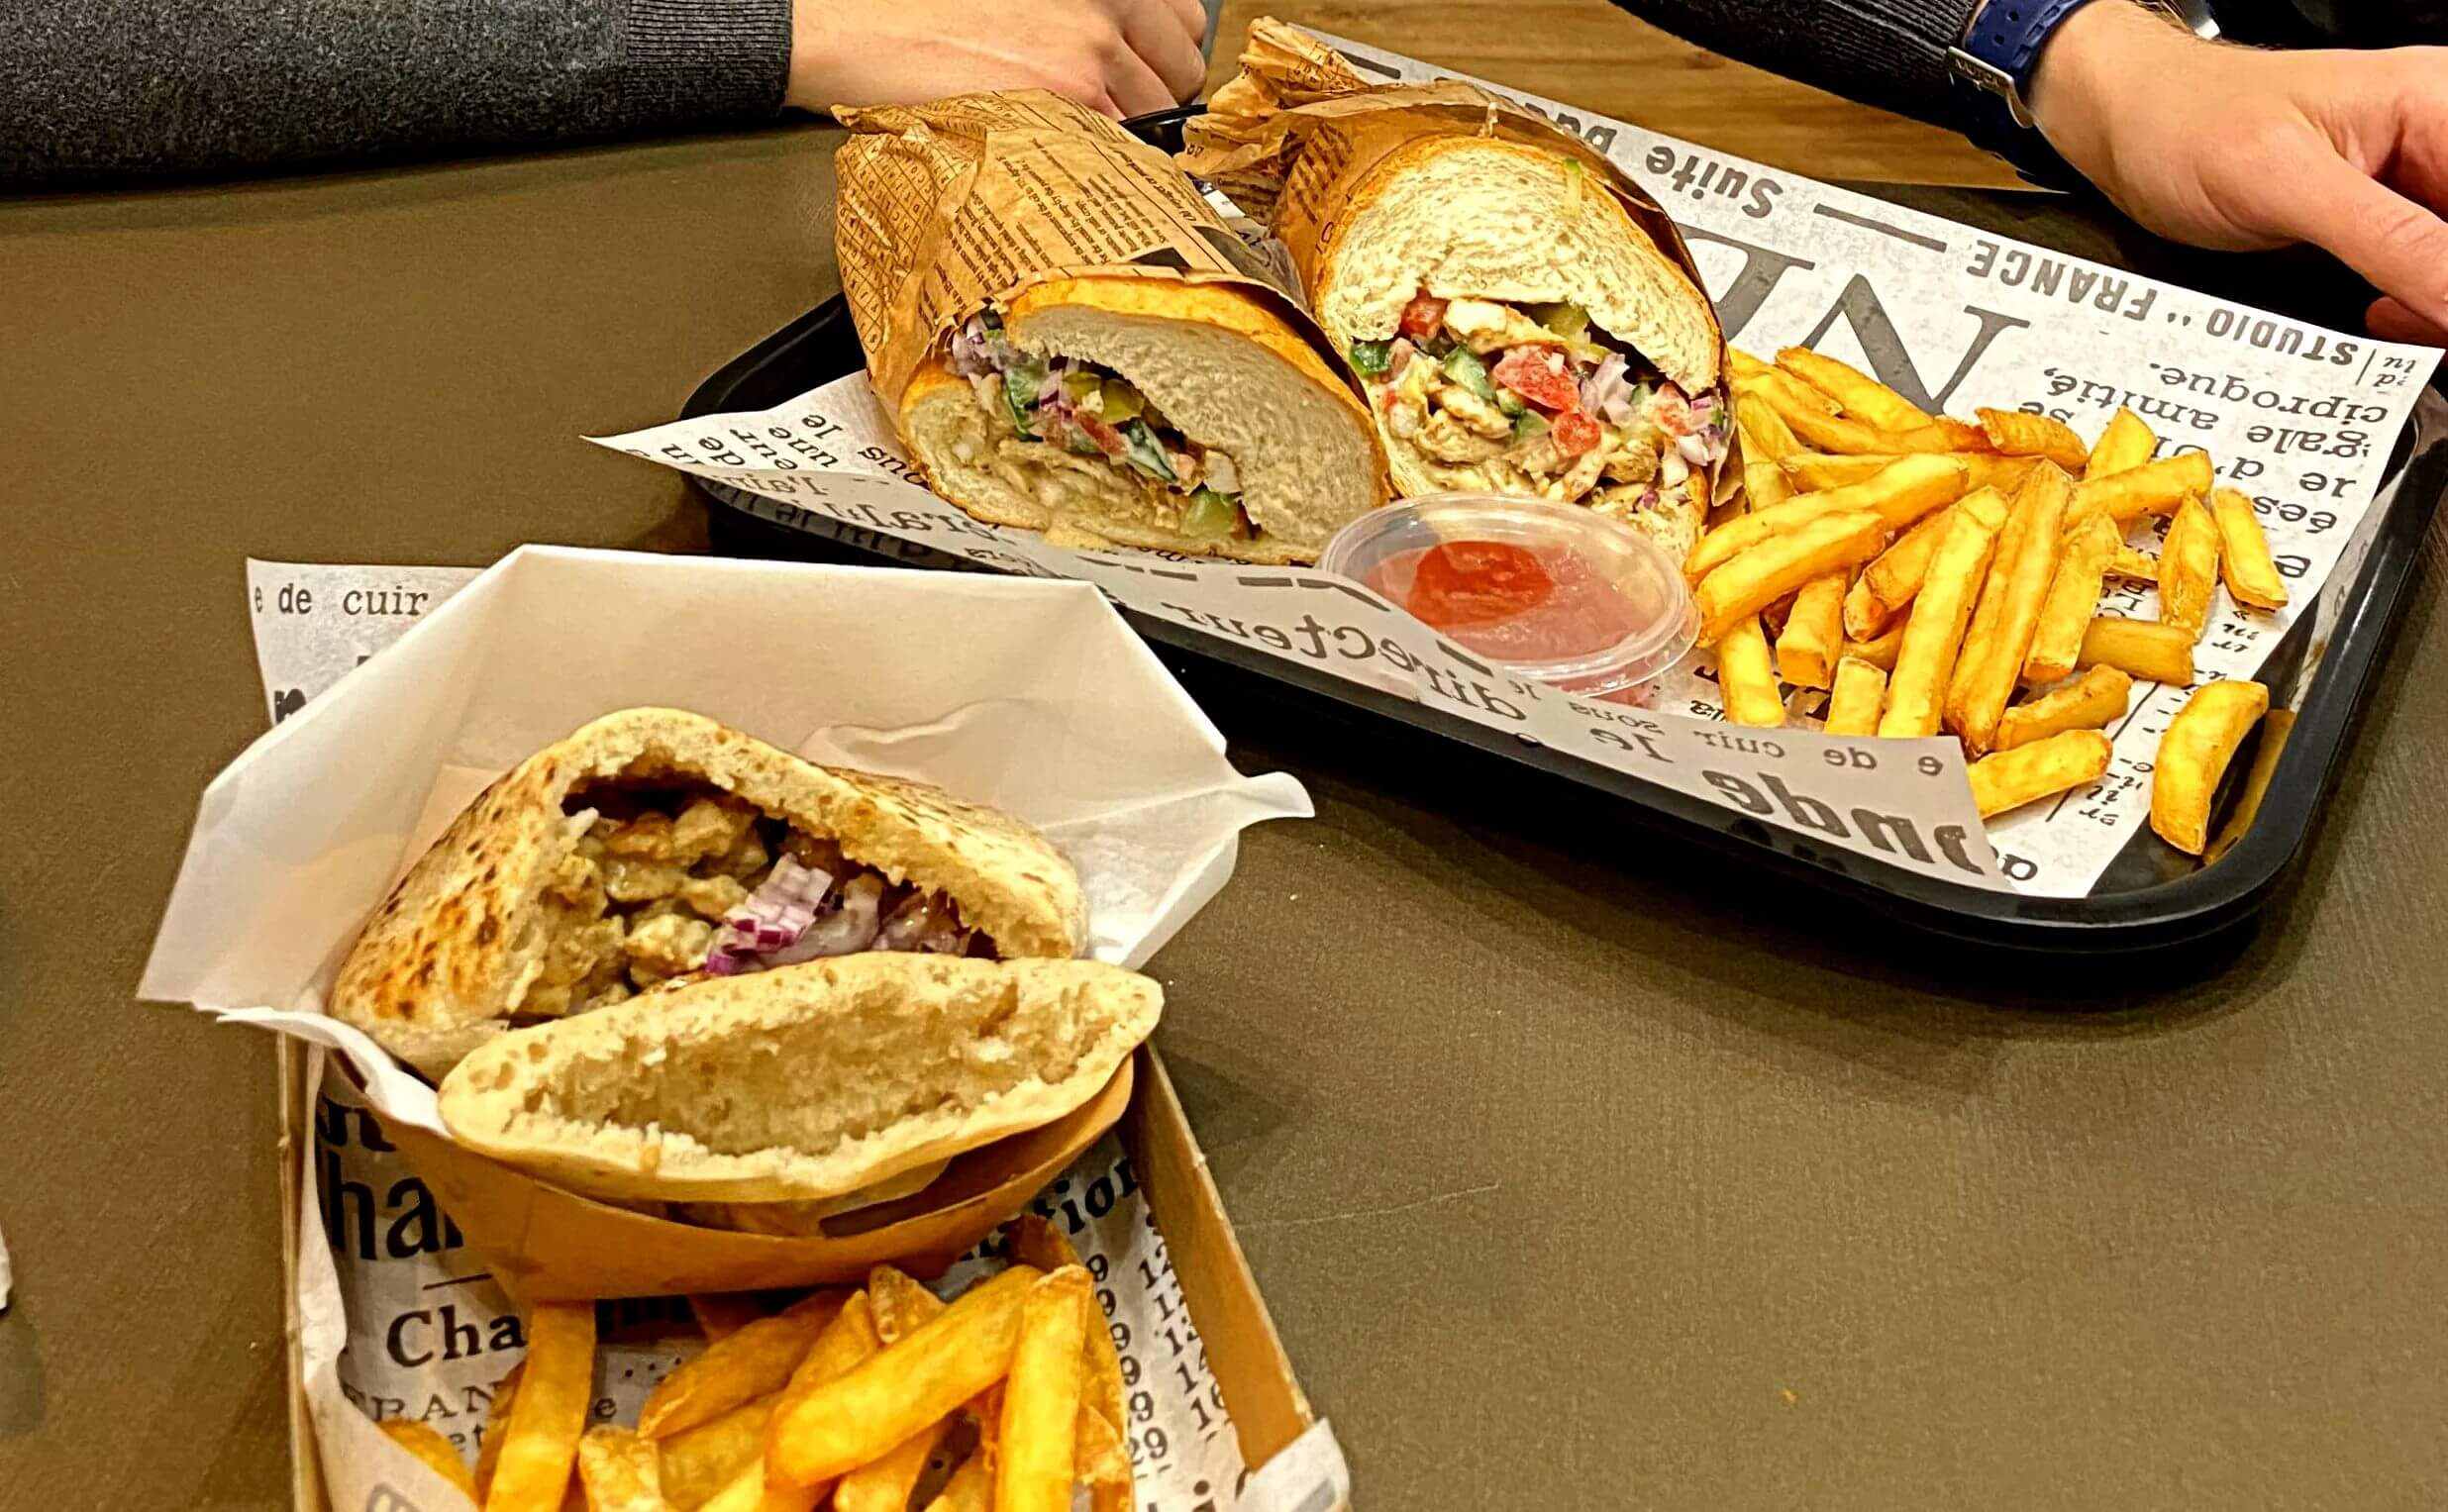 מסעדות כשרות בבודפשט - מסעדת מיטאפ מסעדת מזון מהיר בשרית כשרה למהדרין